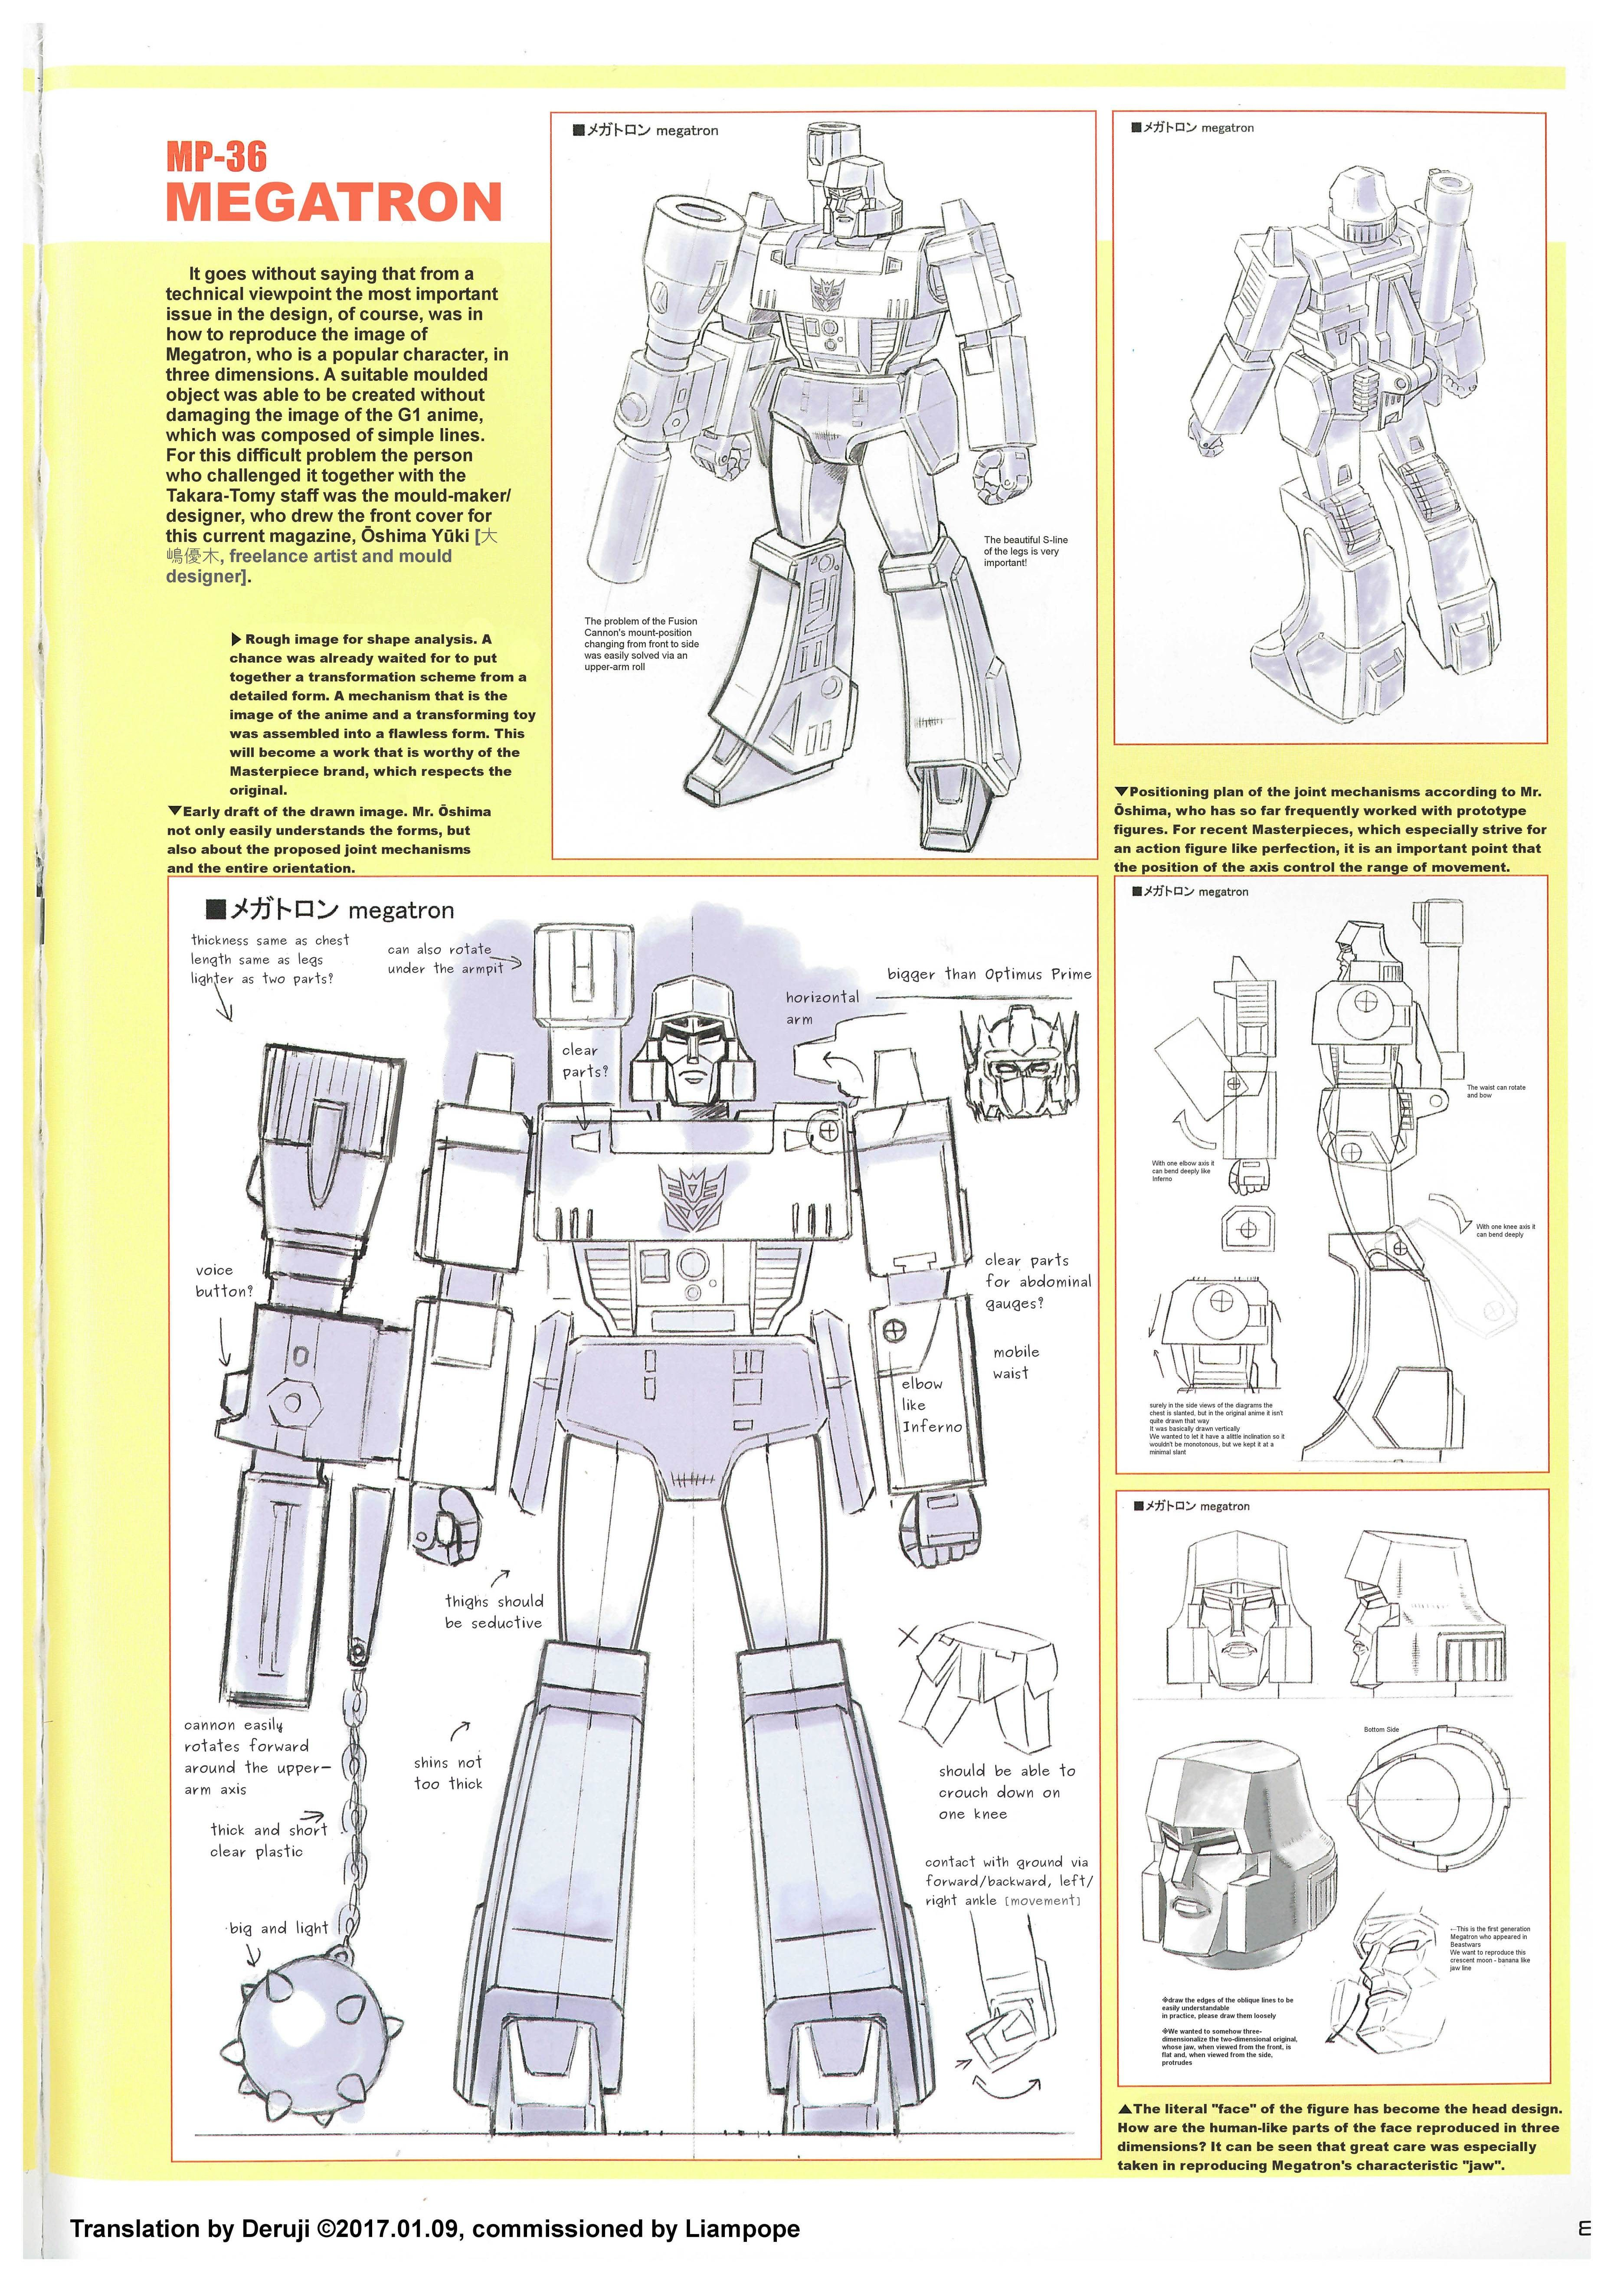 Dorable Transformadores Para Colorear Megatron Foto - Ideas ...